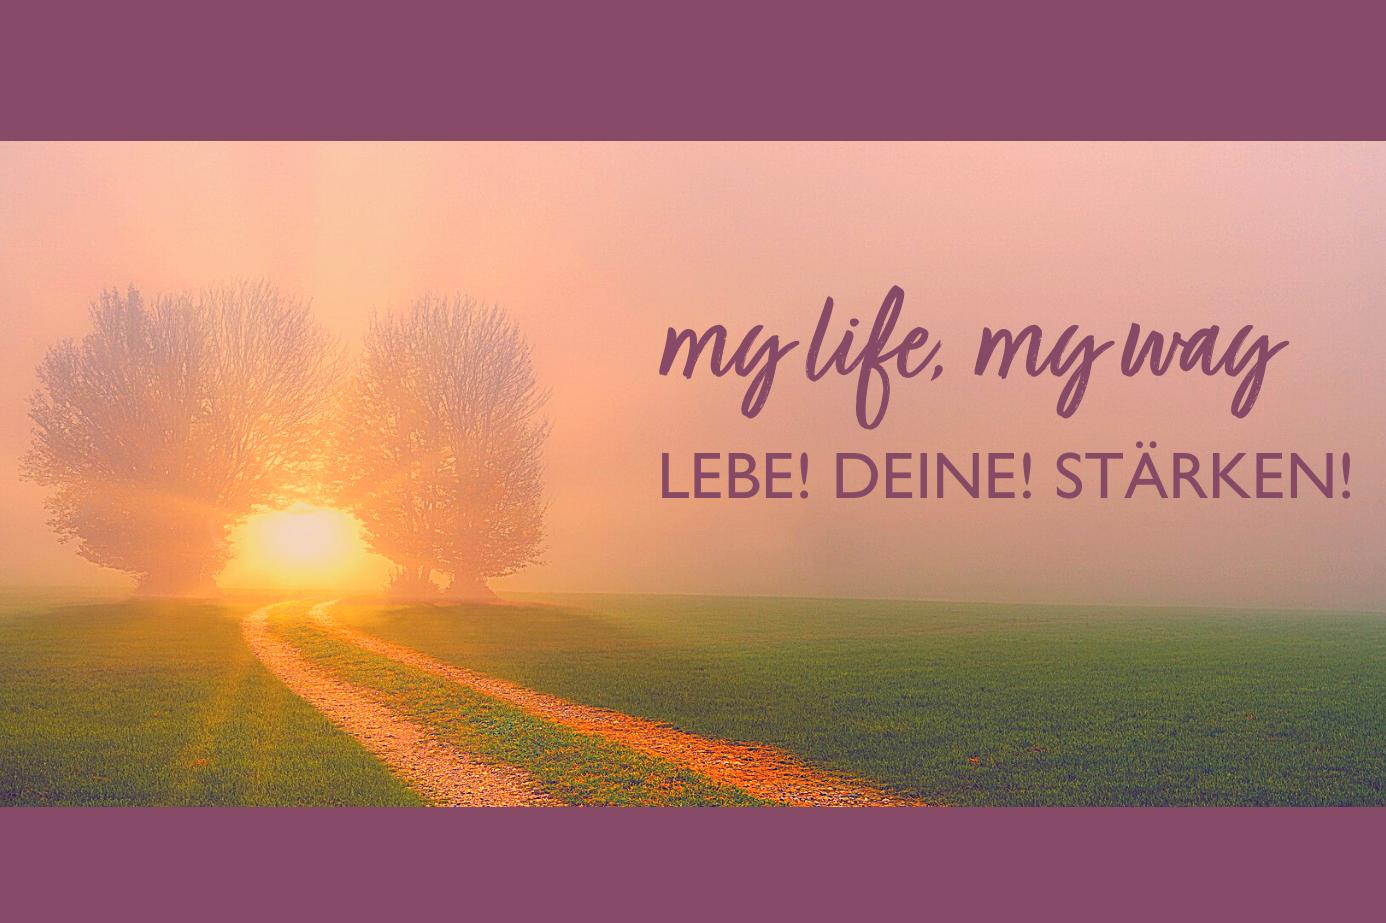 my life, my way - LEBE! DEINE! STÄRKEN